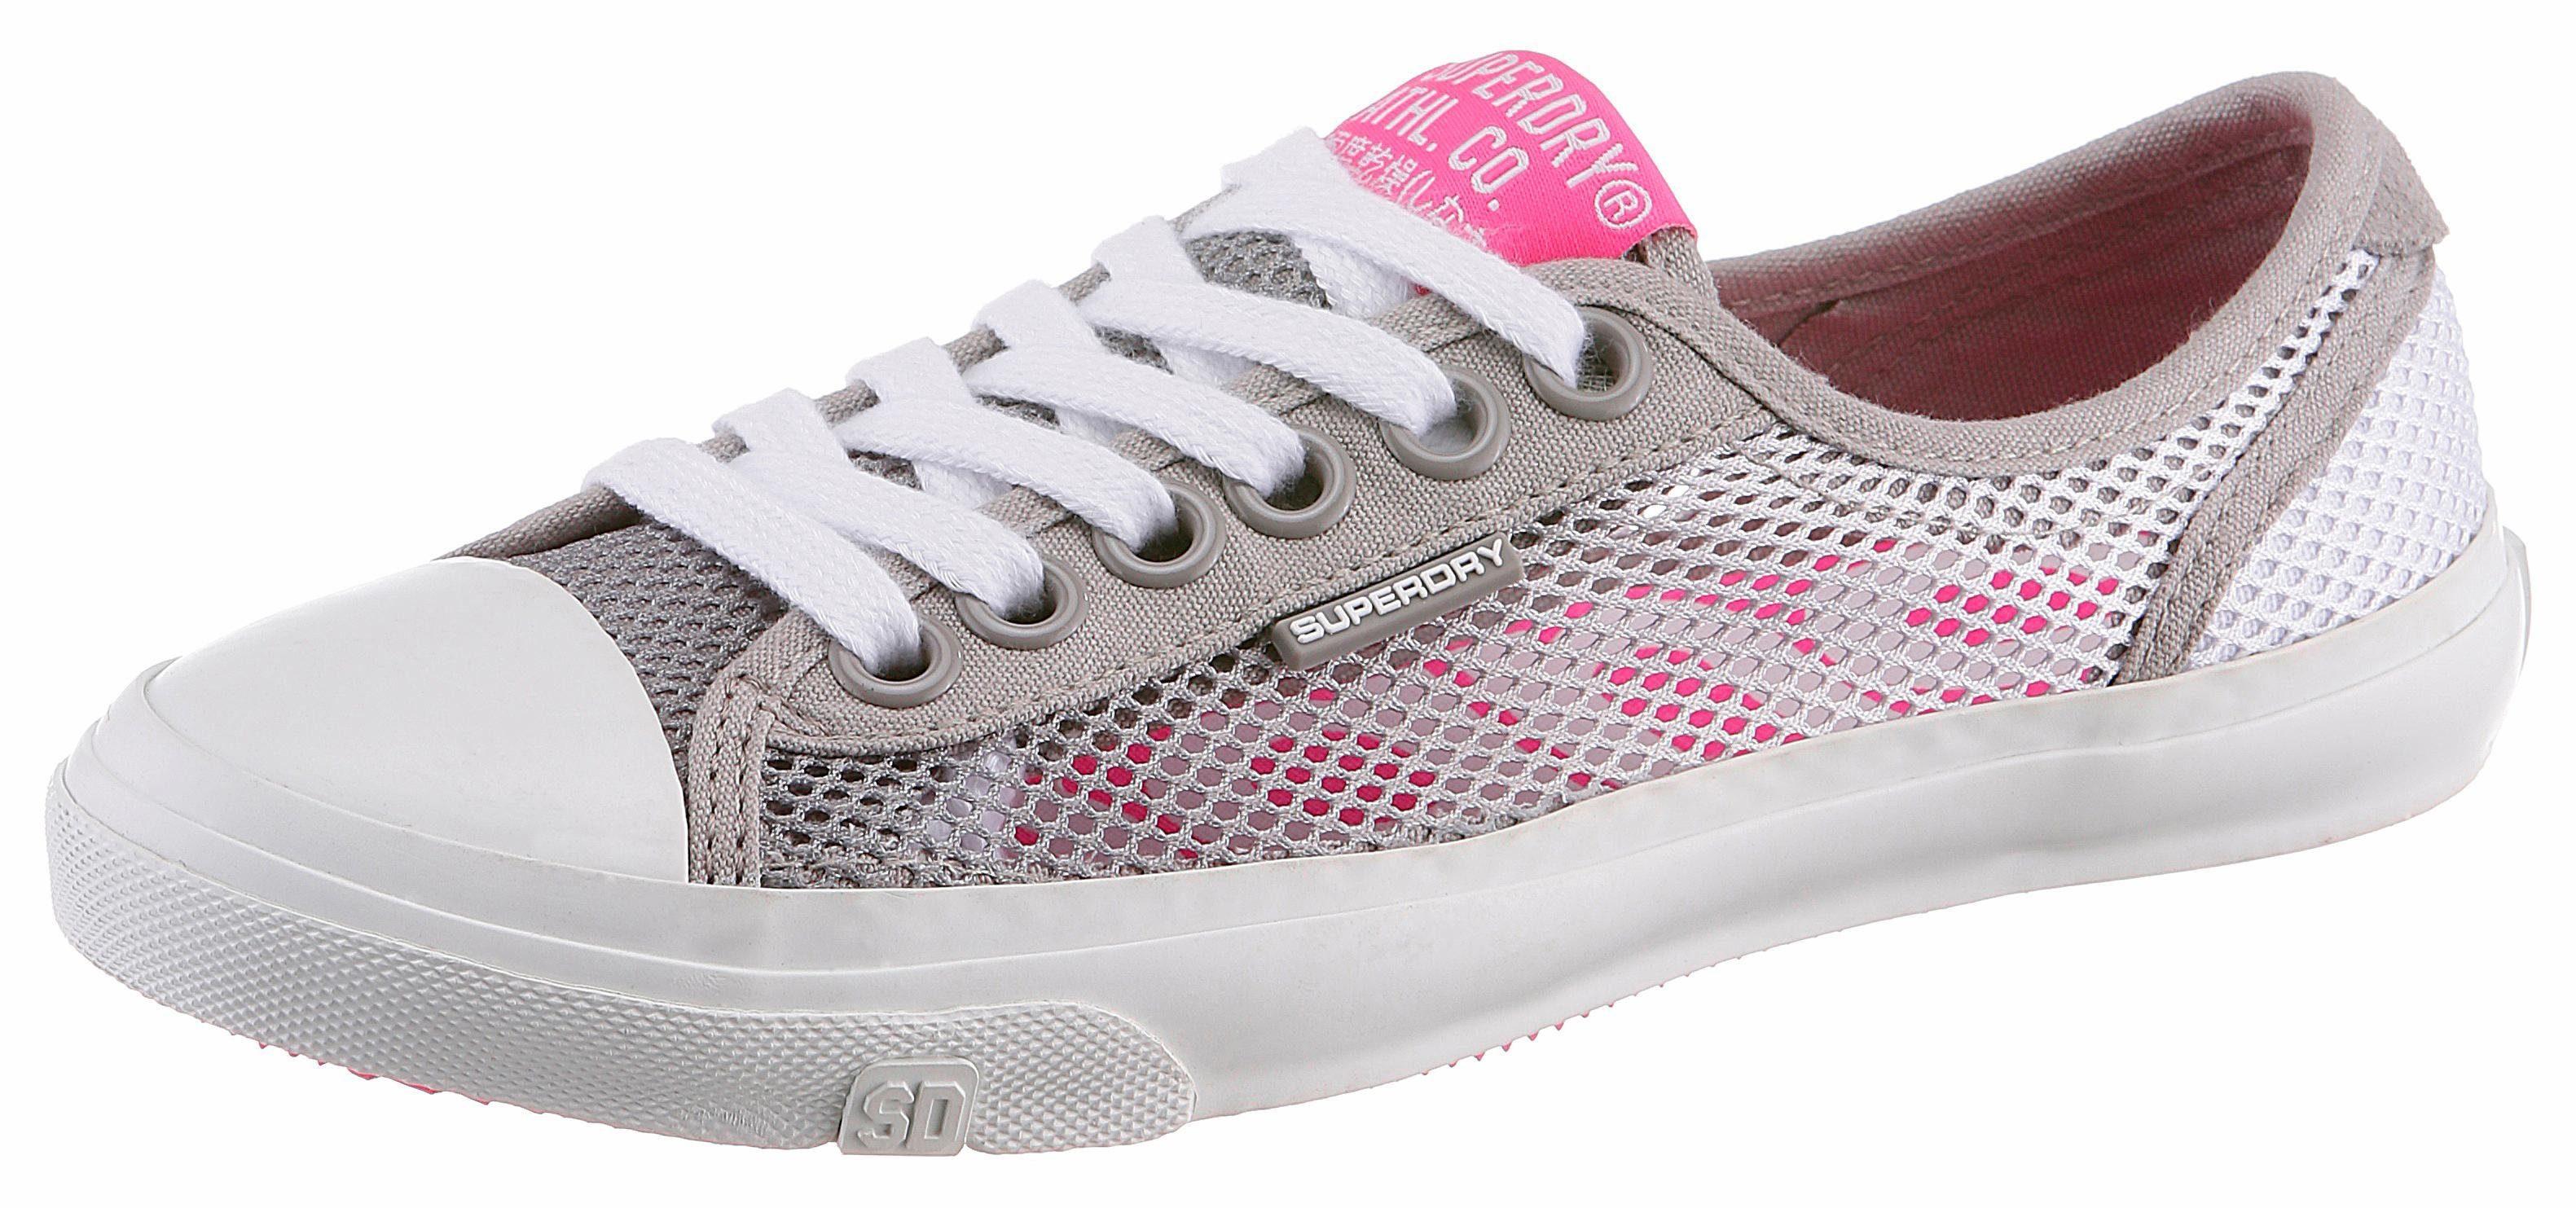 Superdry Sneaker, mit pinken Details, schwarz, schwarz+pink